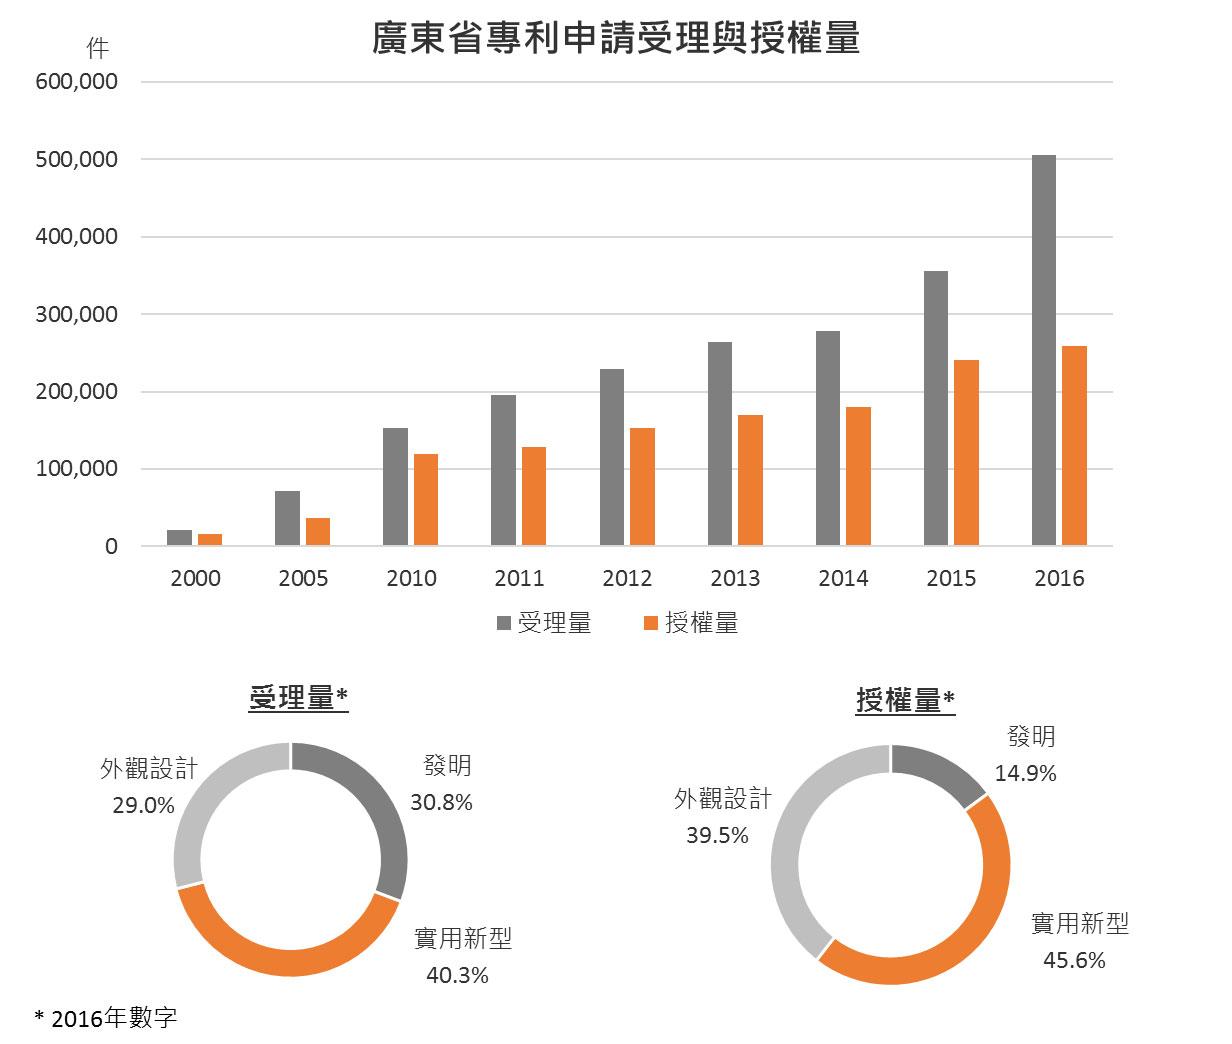 图:广东省专利申请受理与授权量